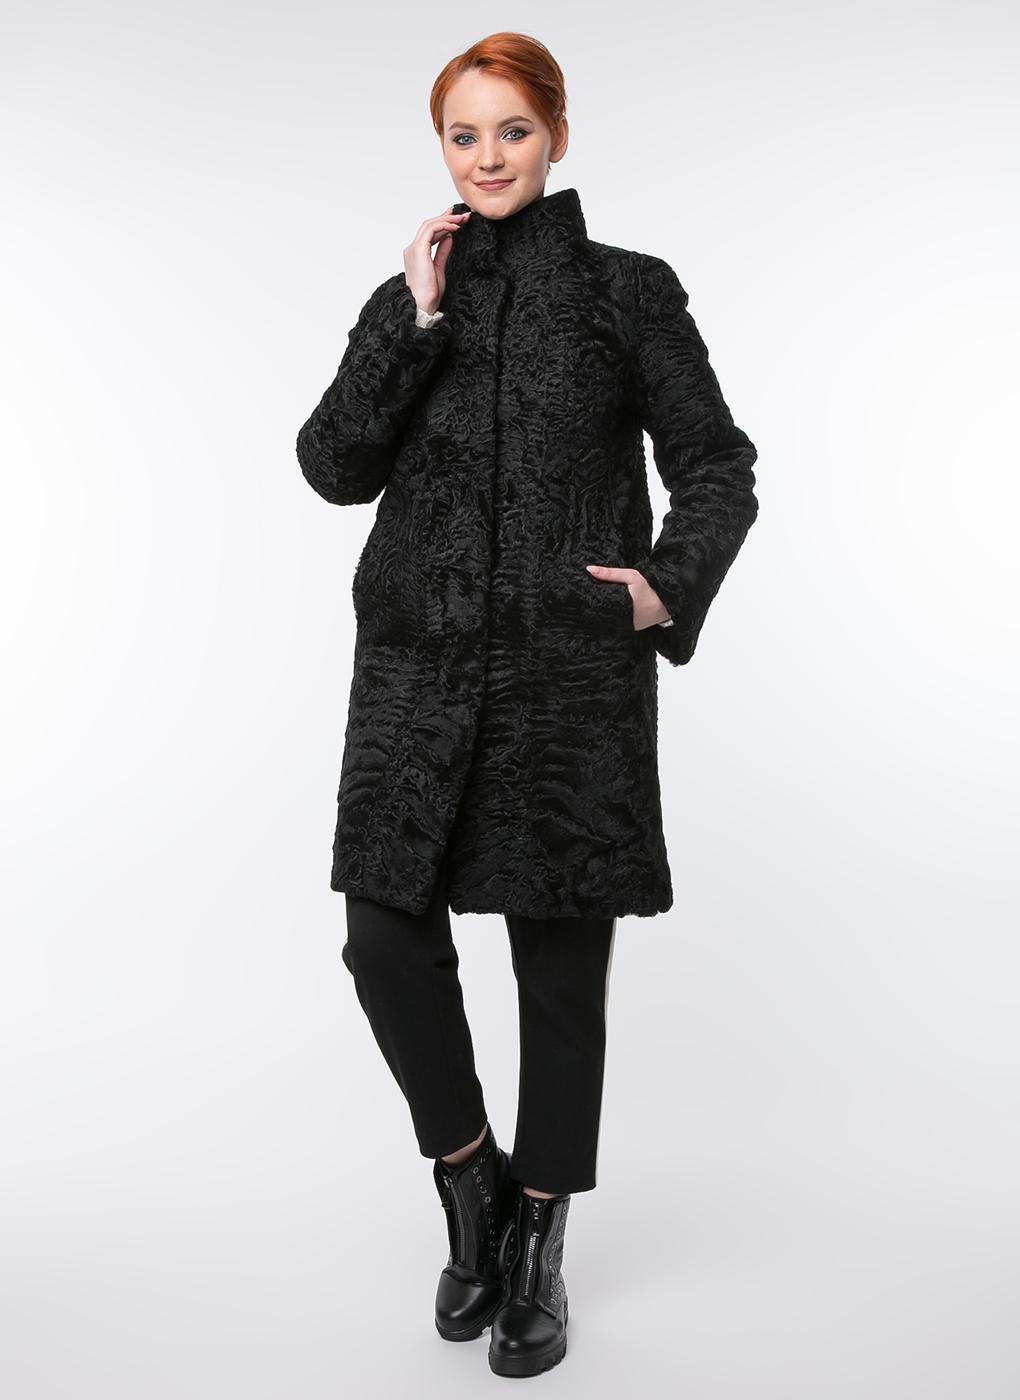 Шуба из каракуля Классика 03, Asian furs фото